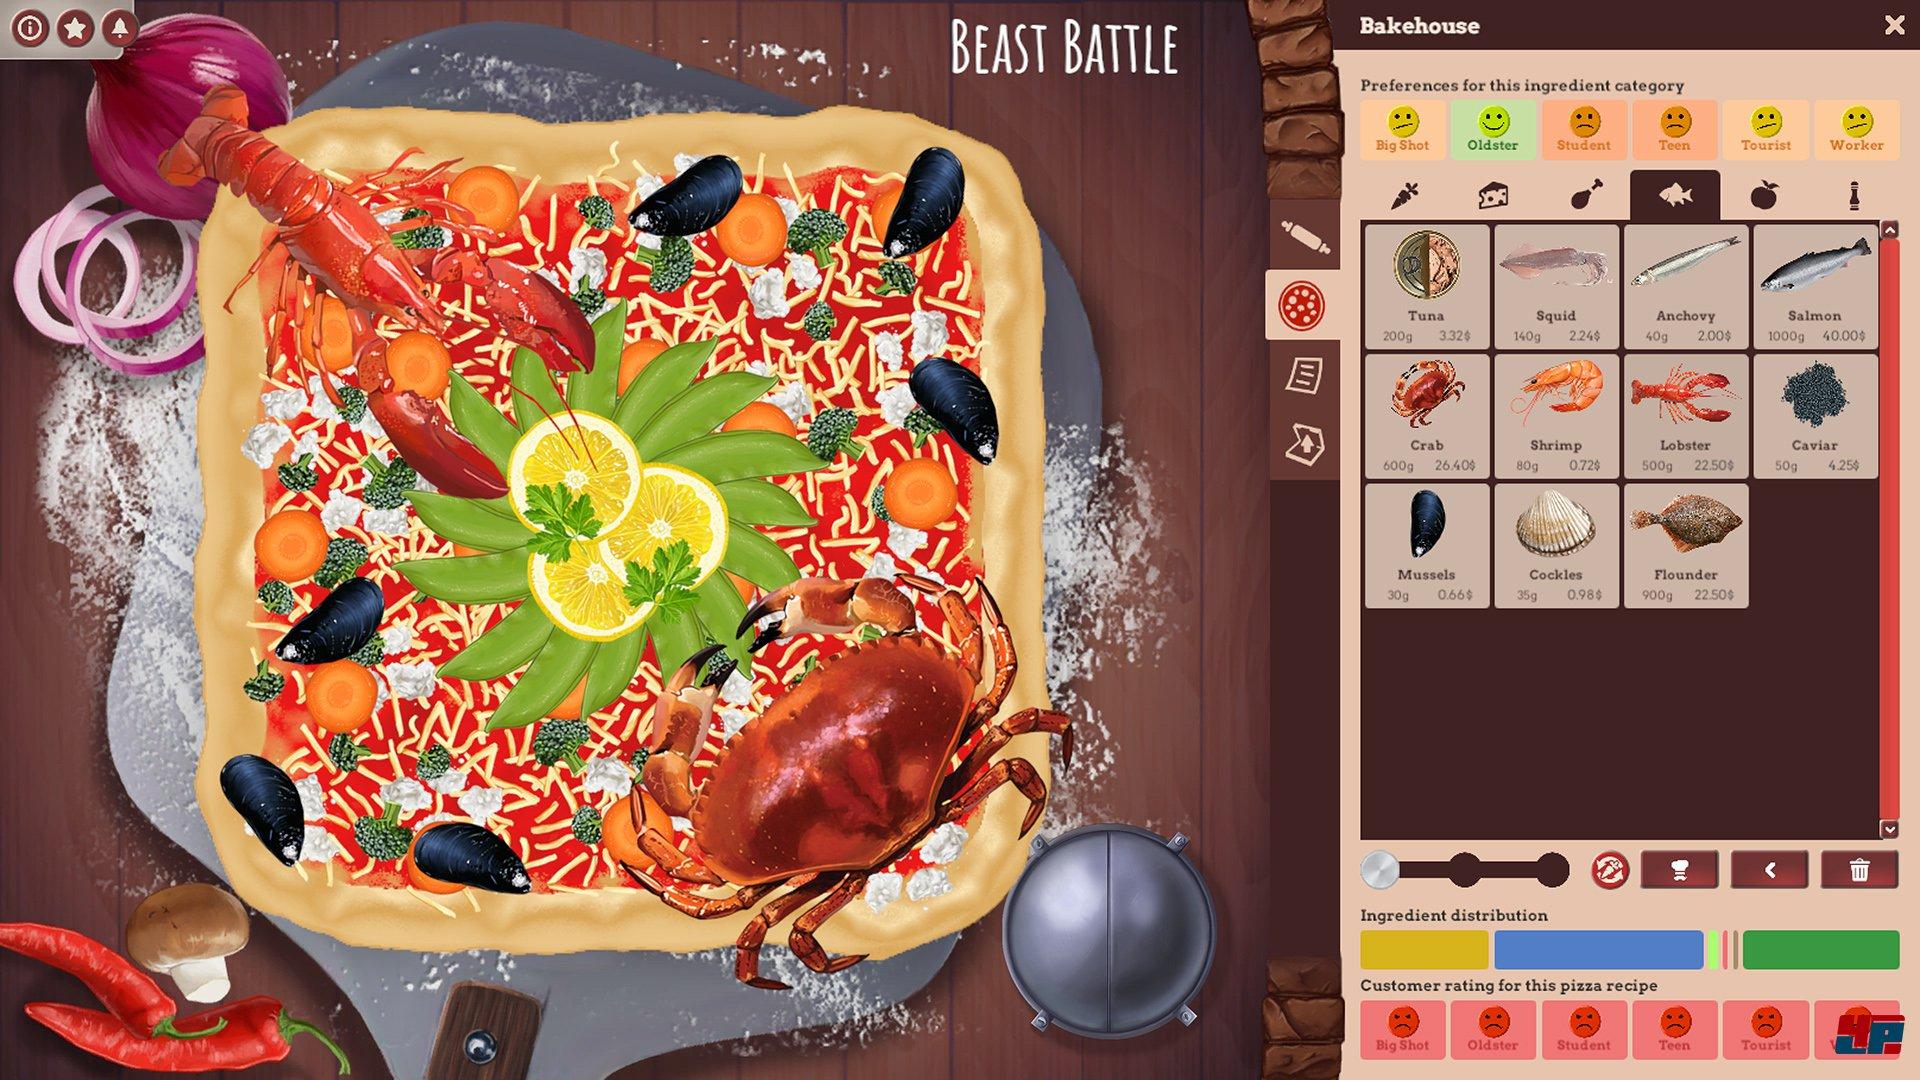 Pizza Connection 3 - Verschoben, neue Beta-Einladungen